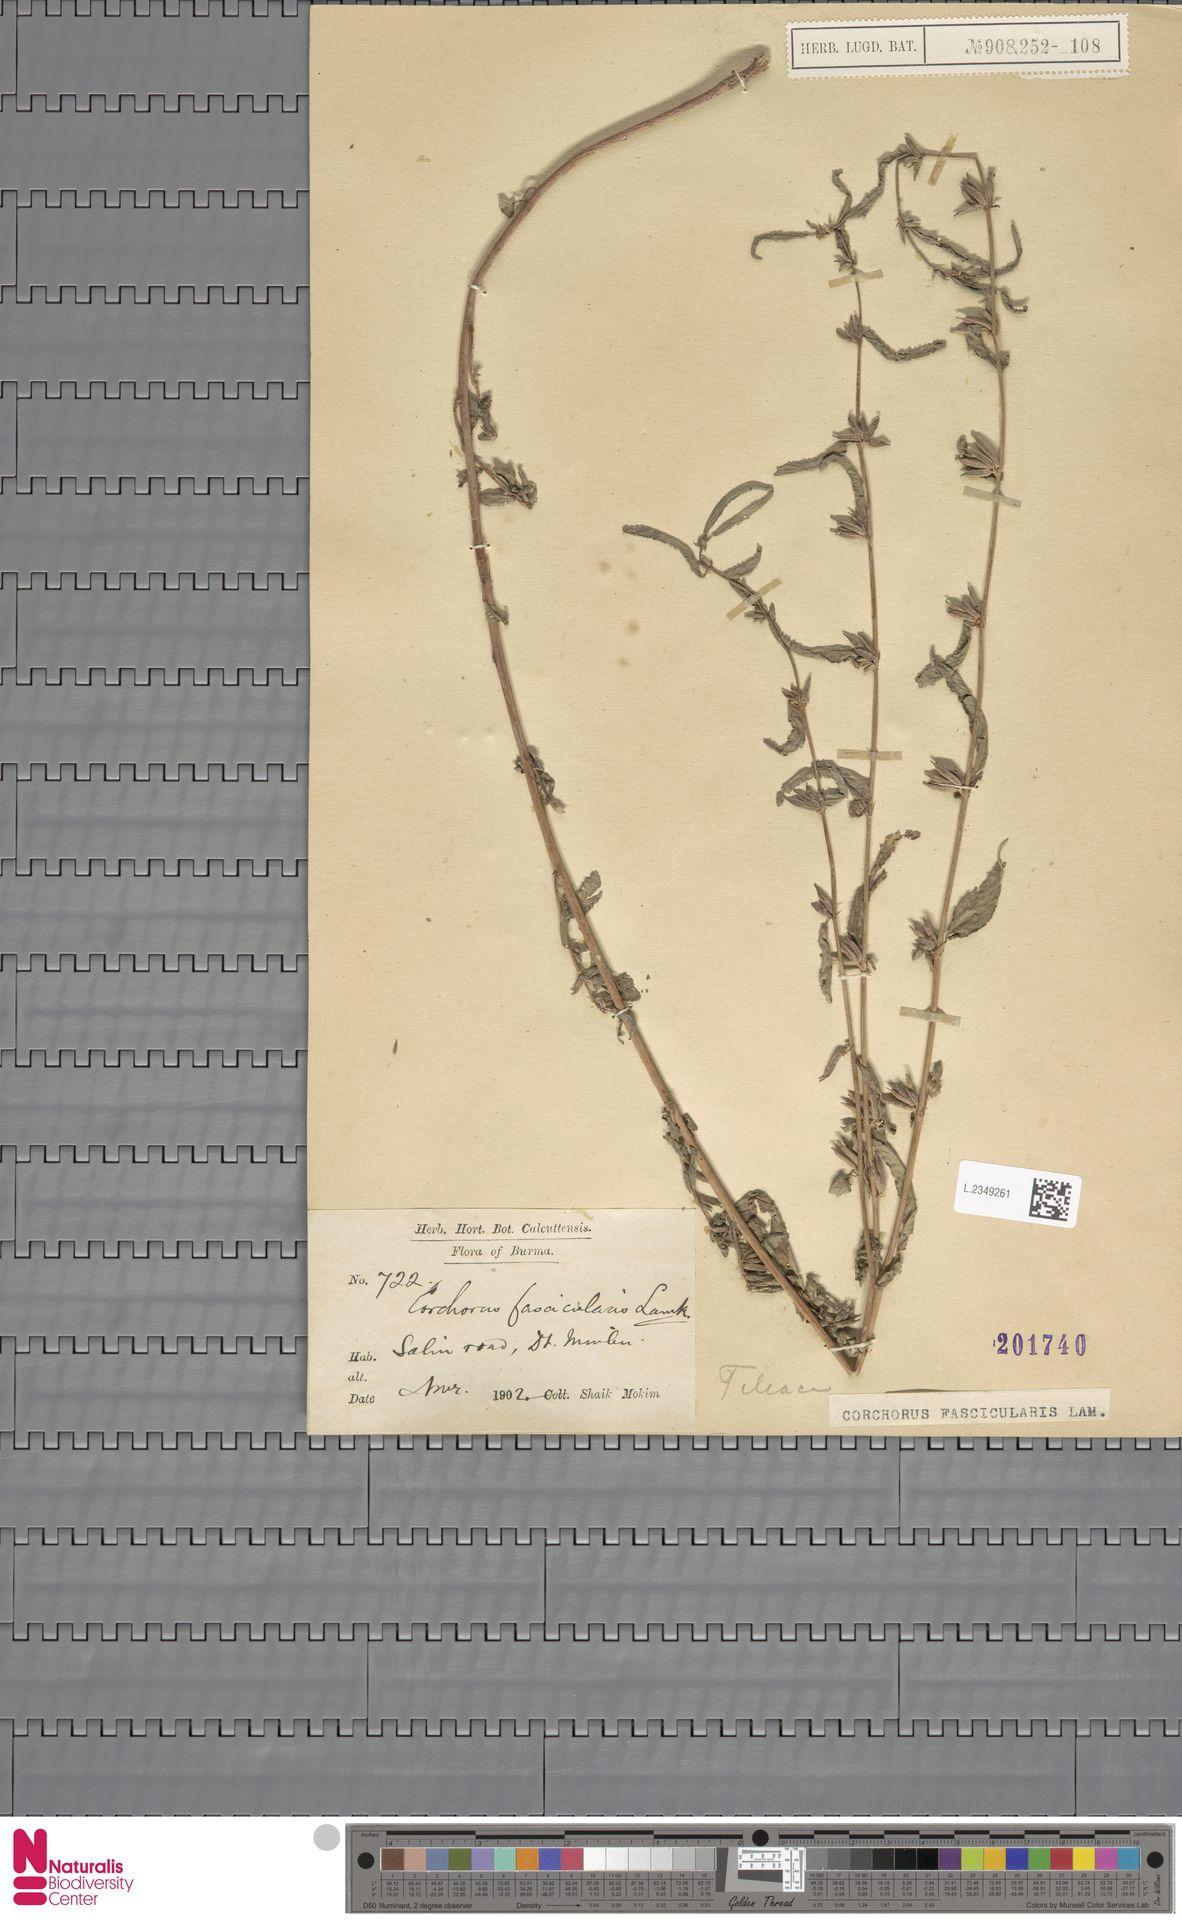 L.2349261 | Corchorus fascicularis Lam.